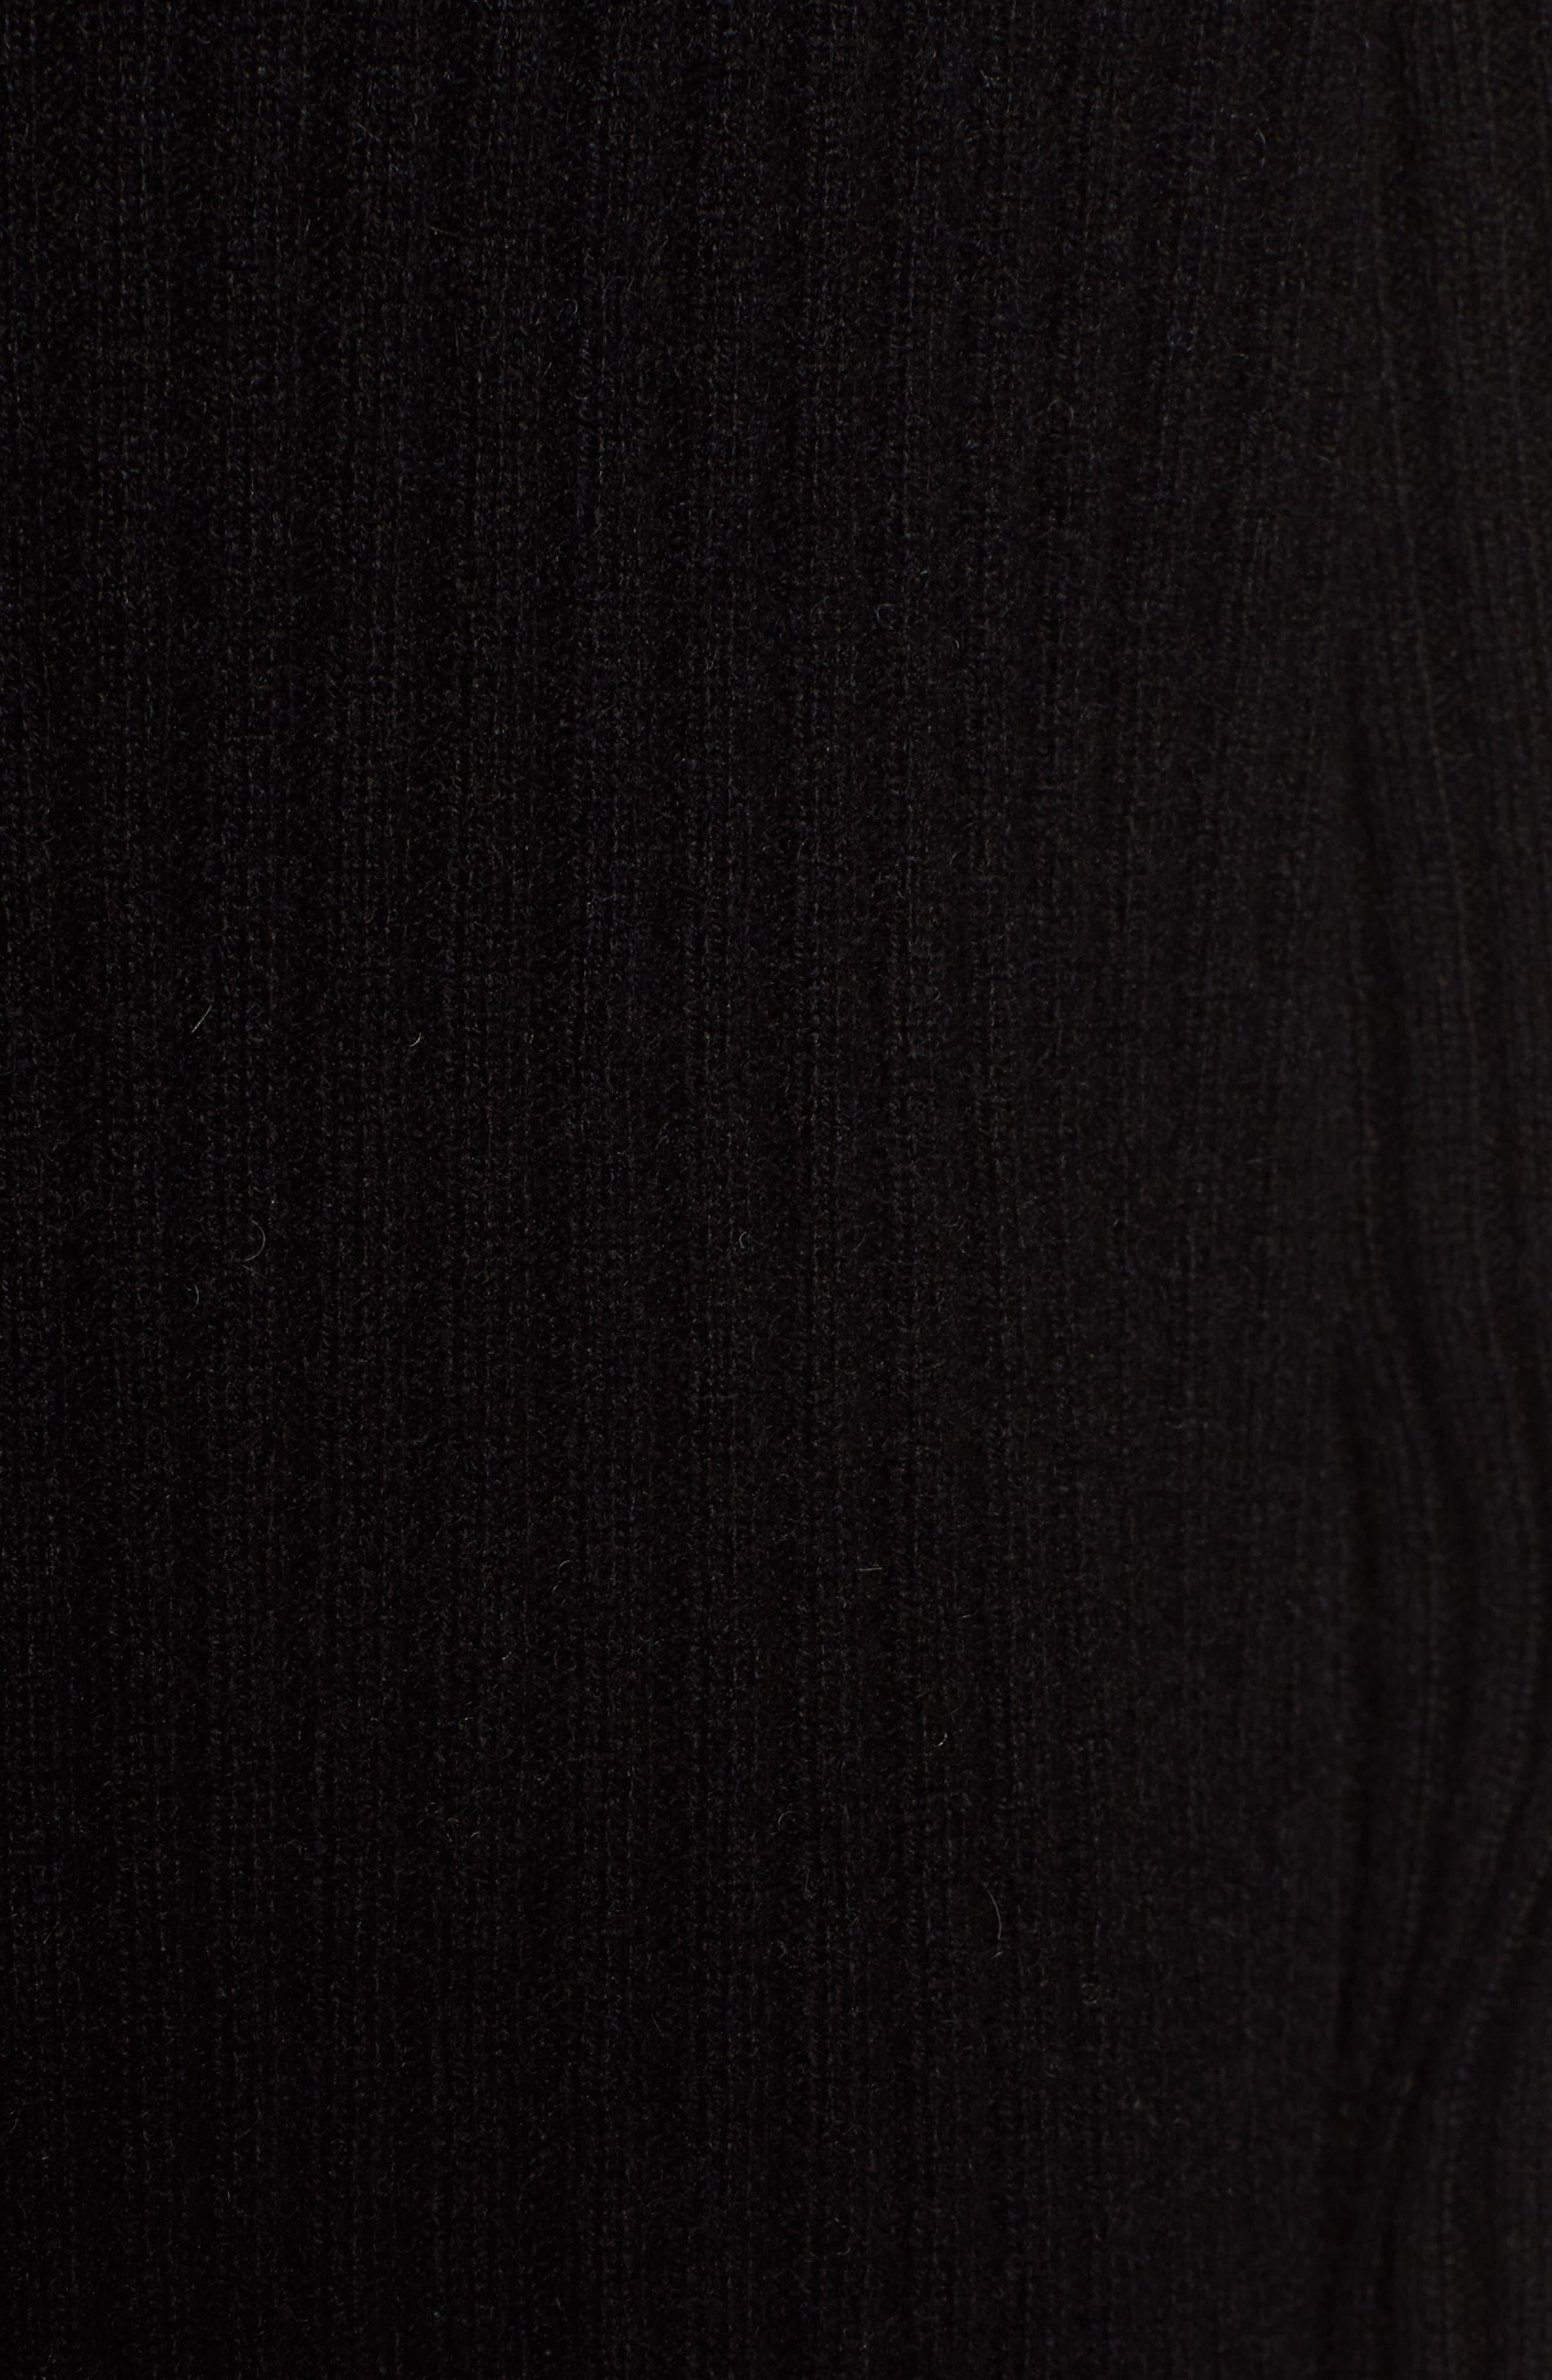 Rib Knit Cashmere Cardigan,                             Alternate thumbnail 5, color,                             002